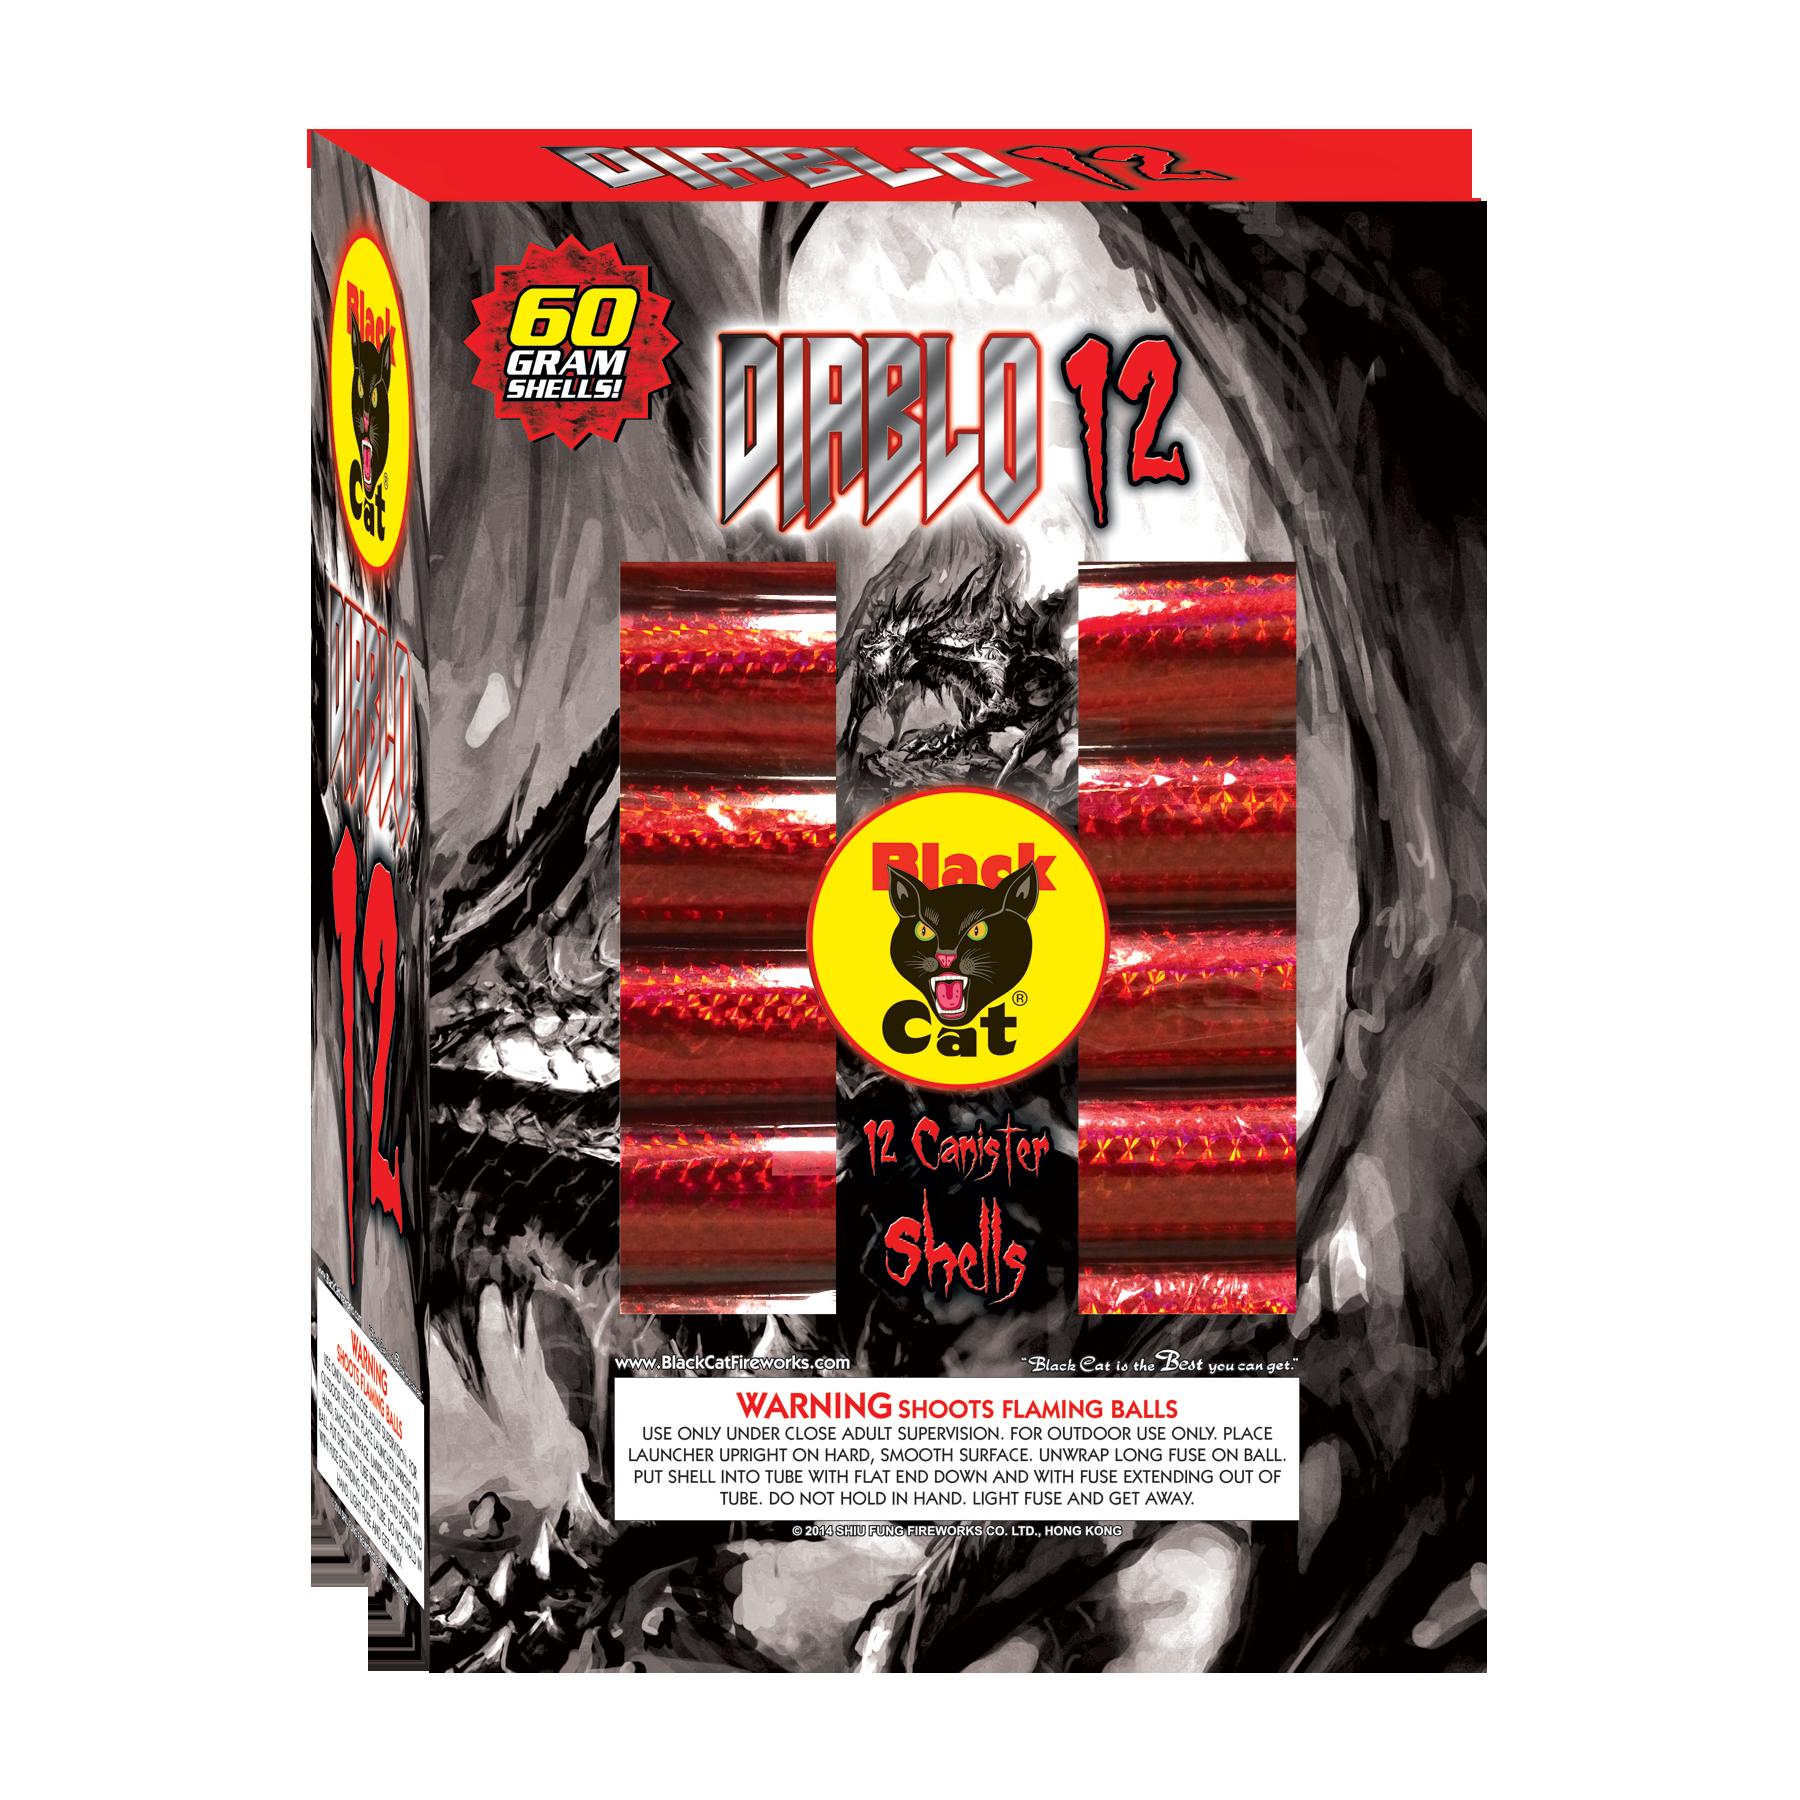 Diablo 12 Artillery